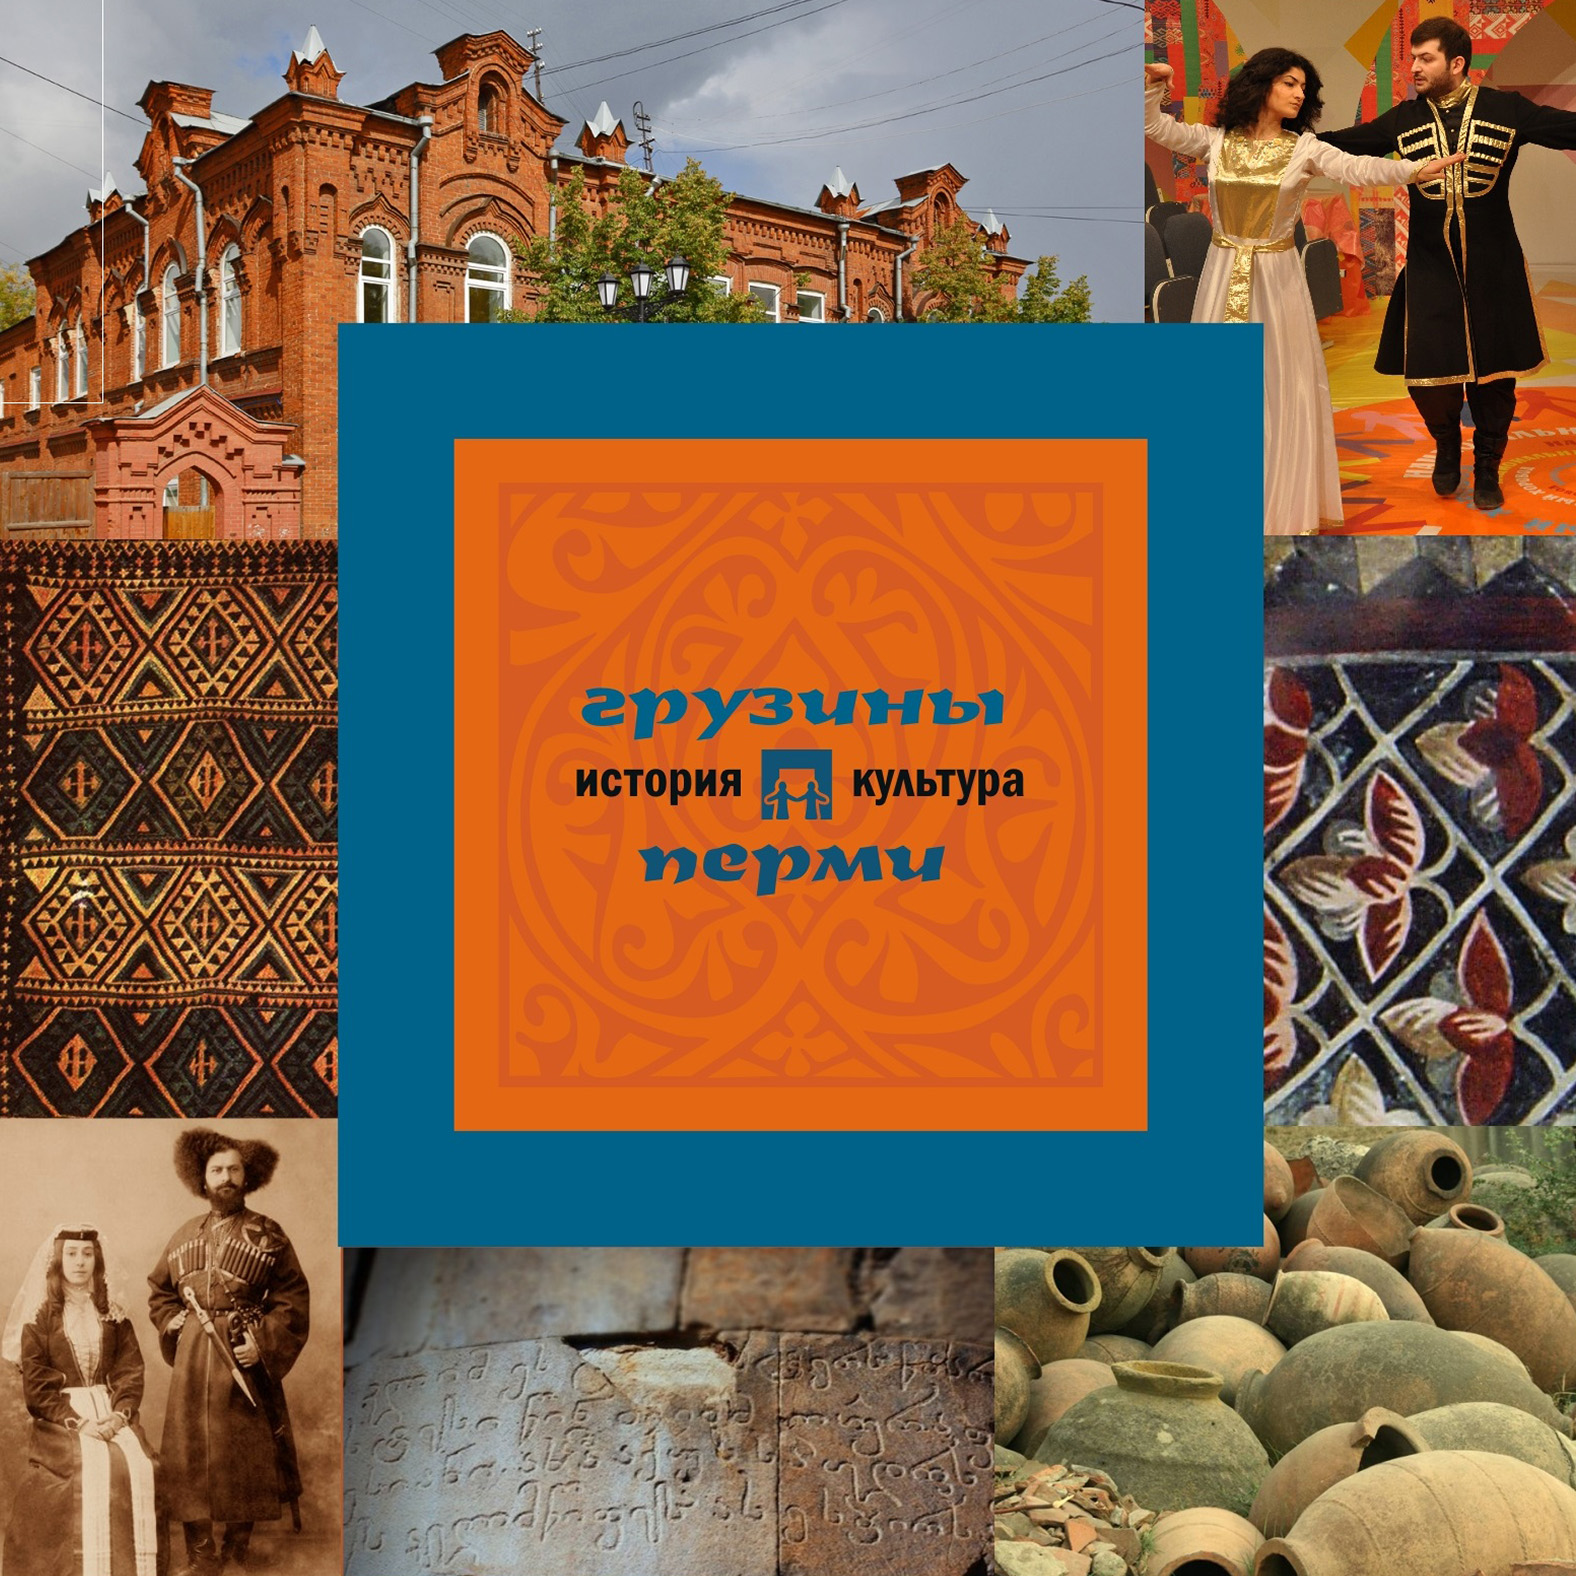 М. С. Каменских Грузины : история и культура